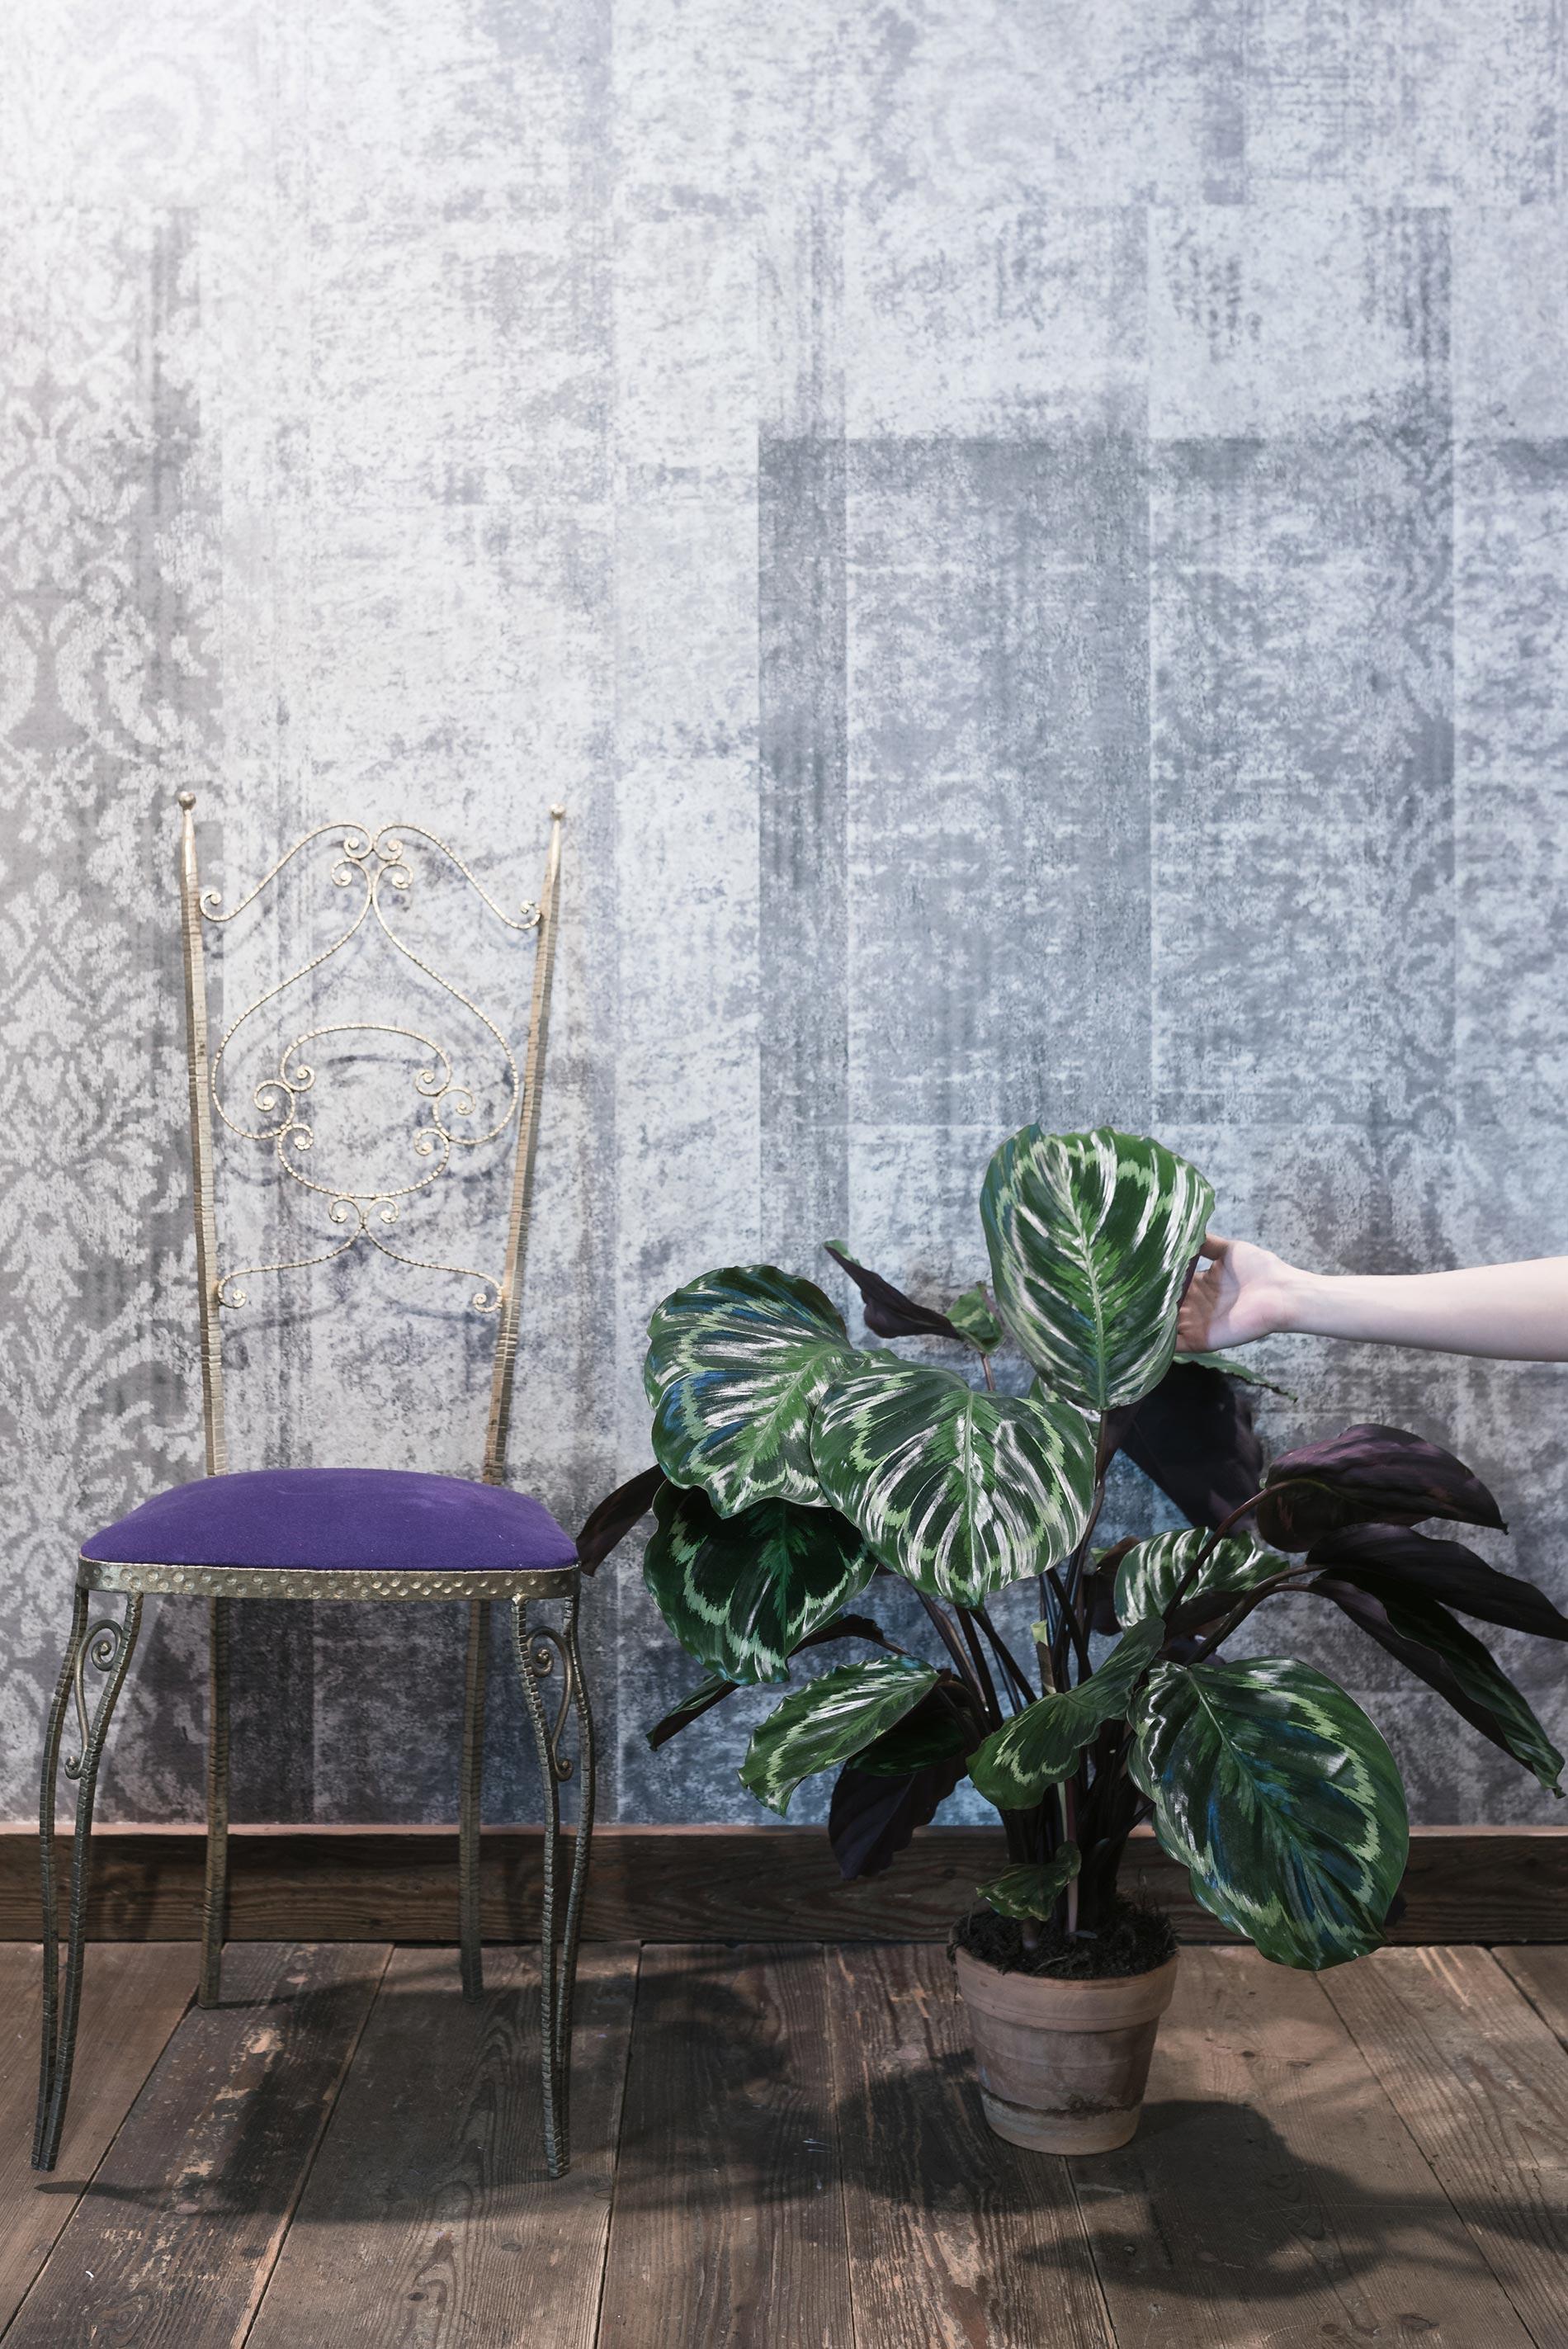 calathea medallion consigli e cure consigli d'interni pianta viola e verde